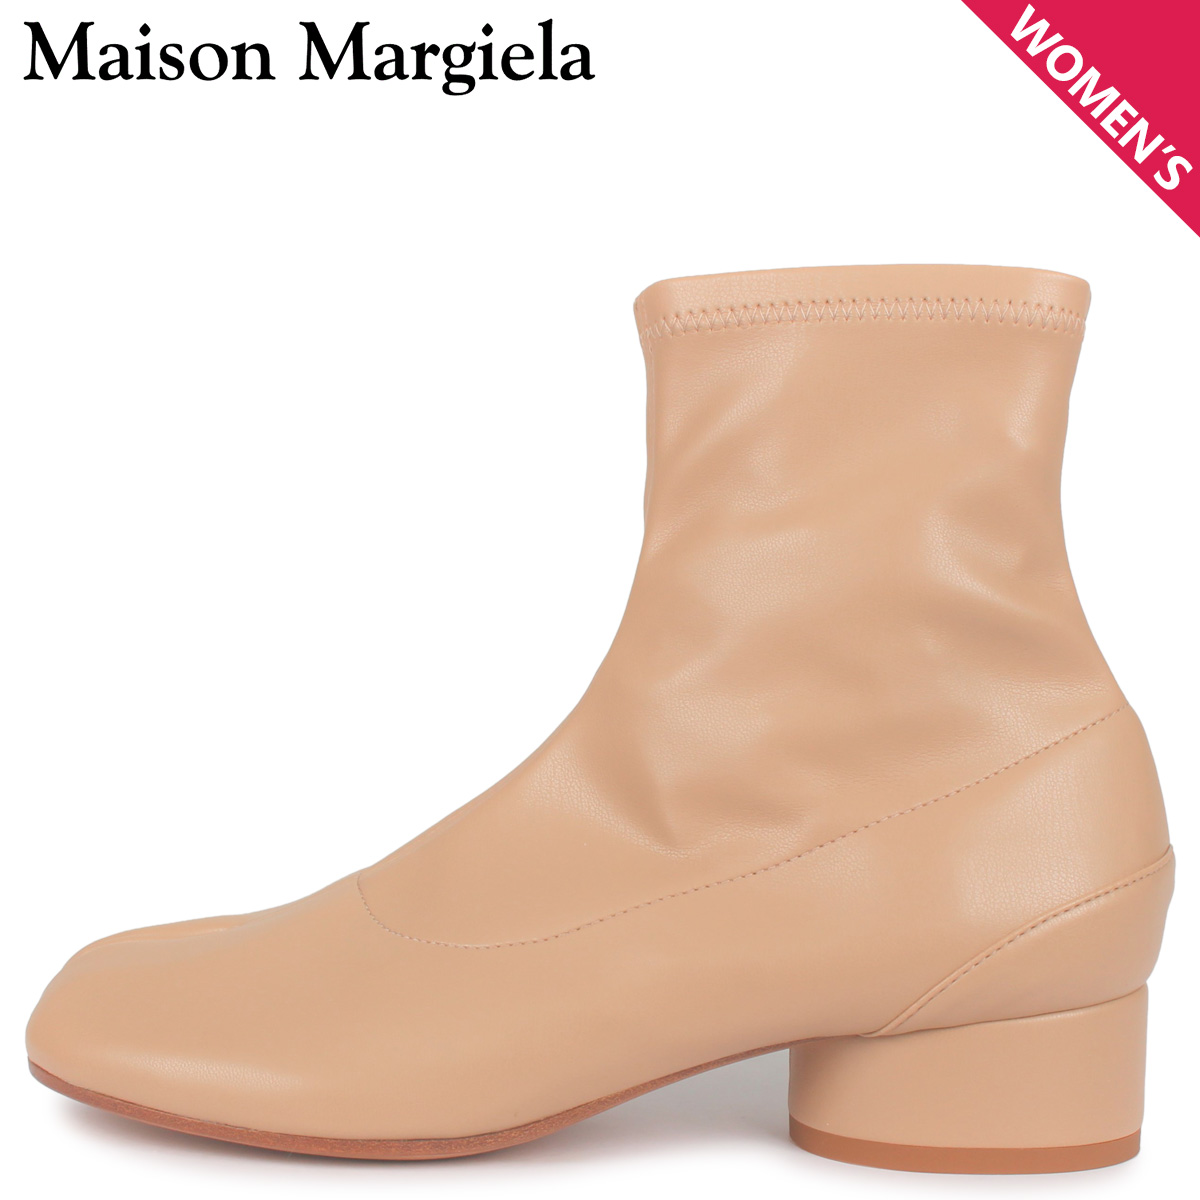 MAISON MARGIELA メゾンマルジェラ ブーツ ショートブーツ アンクルブーツ レディース TABI ANKLE BOOT ベージュ S58WU0270 [3/17 新入荷]